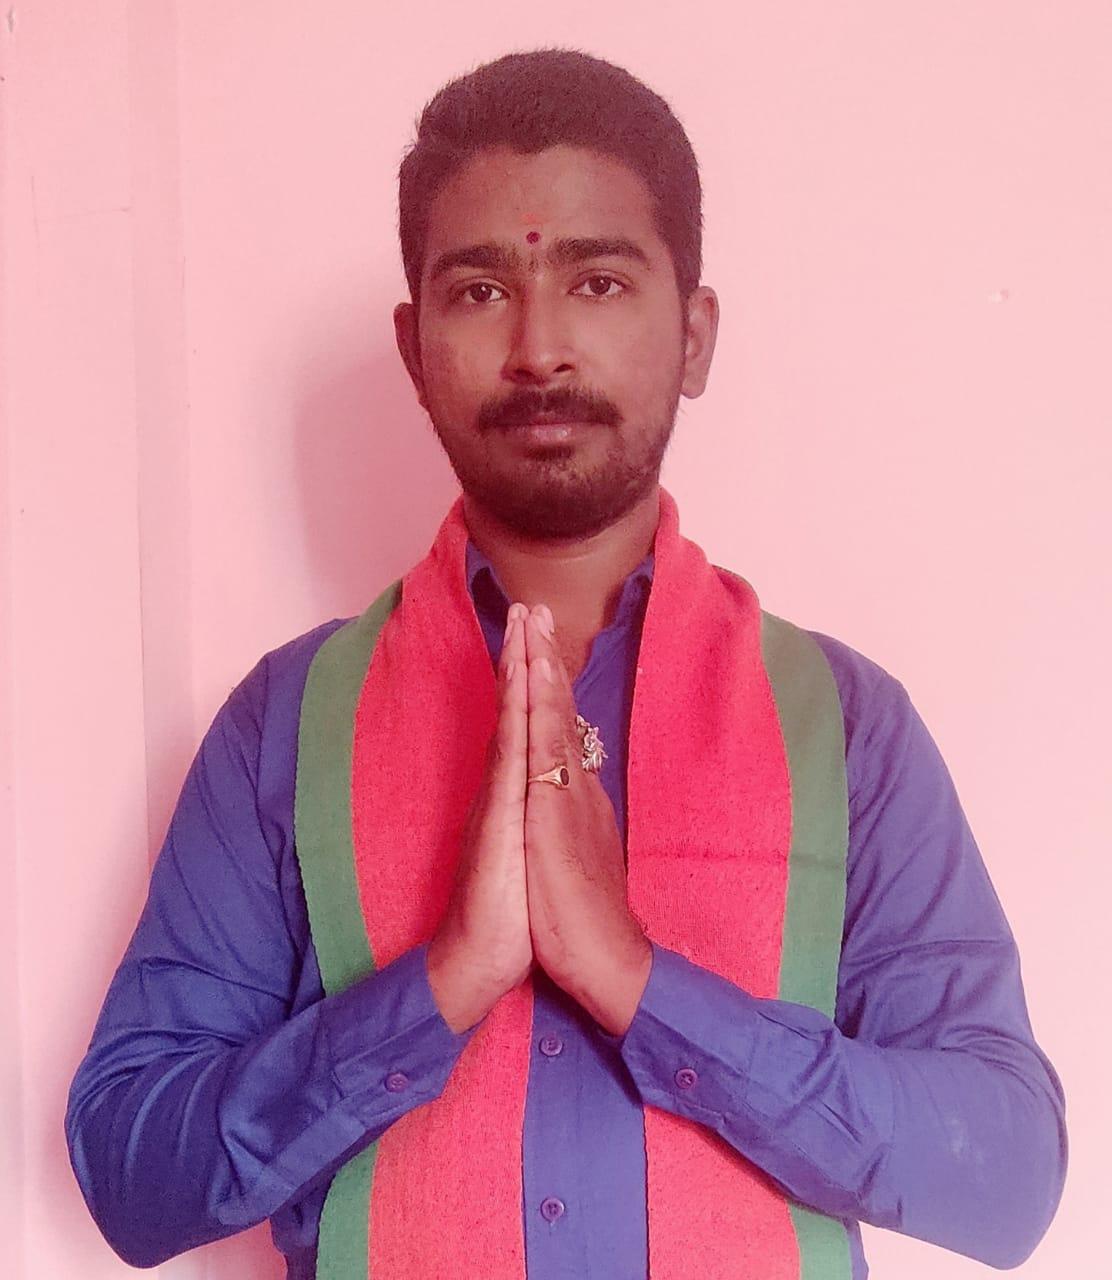 Aradhyula Sai Kumar